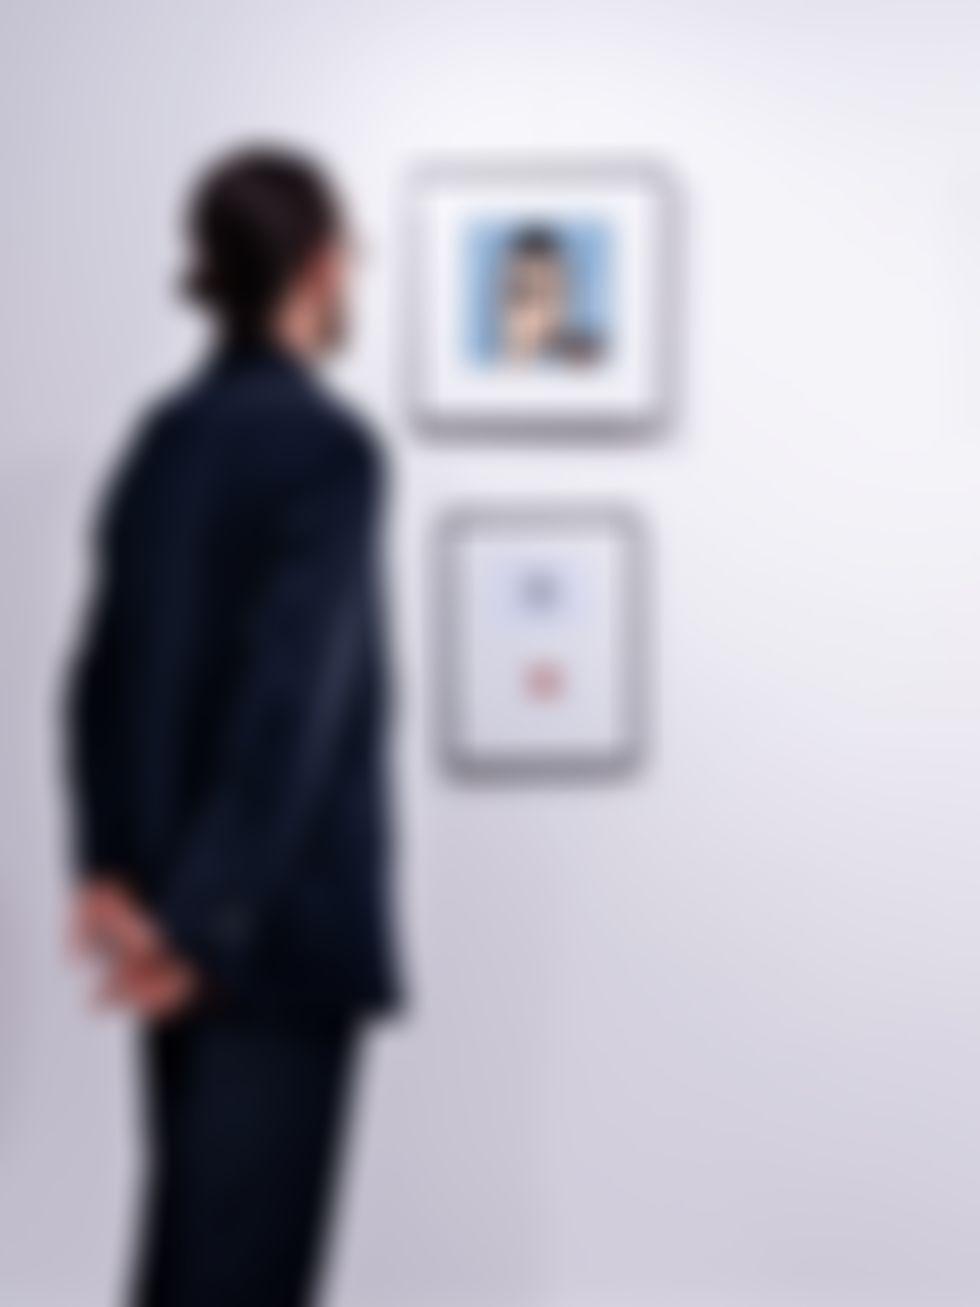 Az NFT -k újjáéledést jelenthetnek a művészeti galériákban